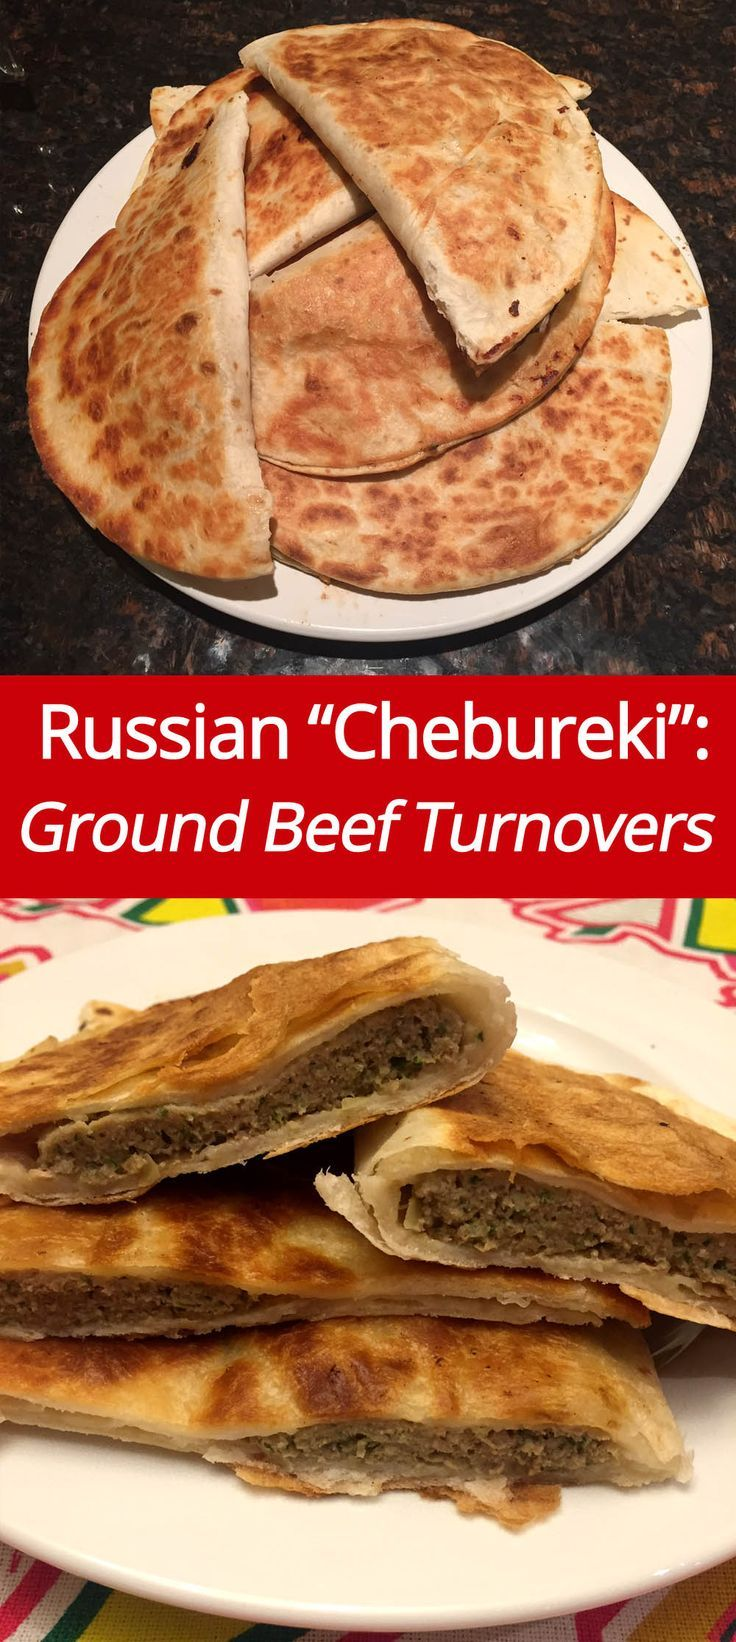 Russian Chebureki Recipe - Ground Beef Turnovers! (from http://MelanieCooks.com)